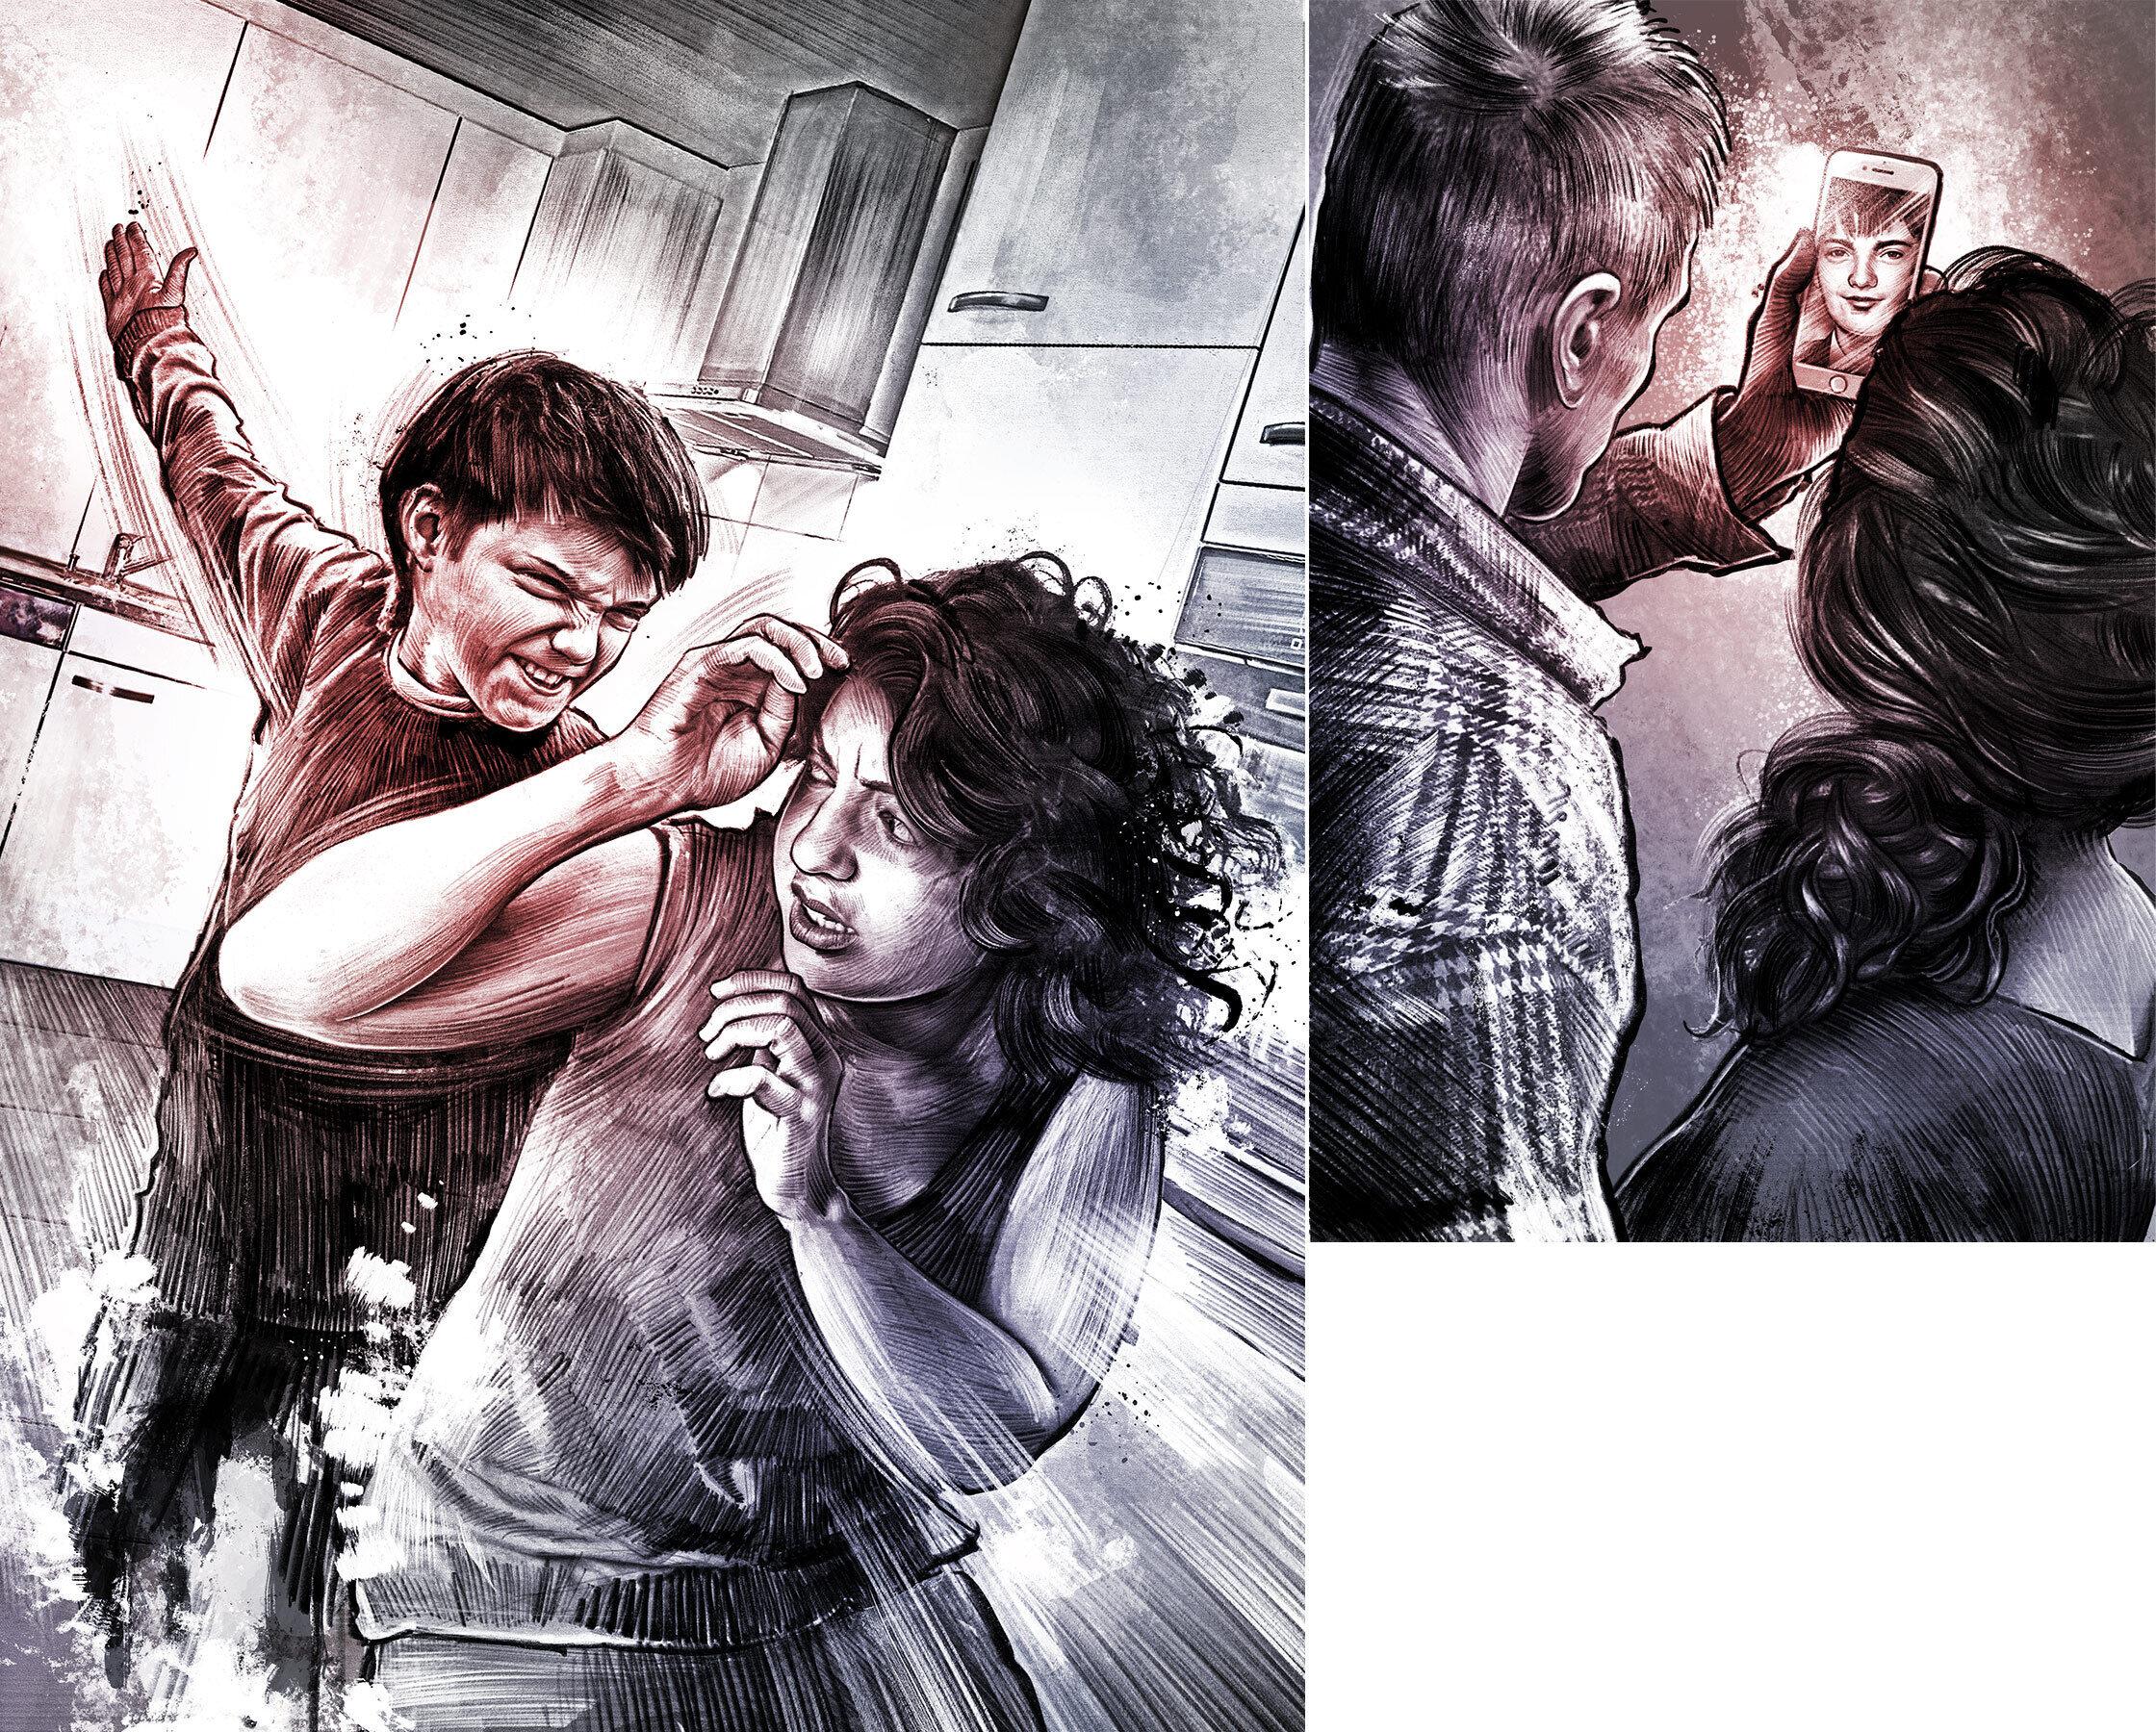 Gewalt illustration familie kind schlagen mutter mother crime scene illustration drawing facetime - Kornel Illustration   Kornel Stadler portfolio